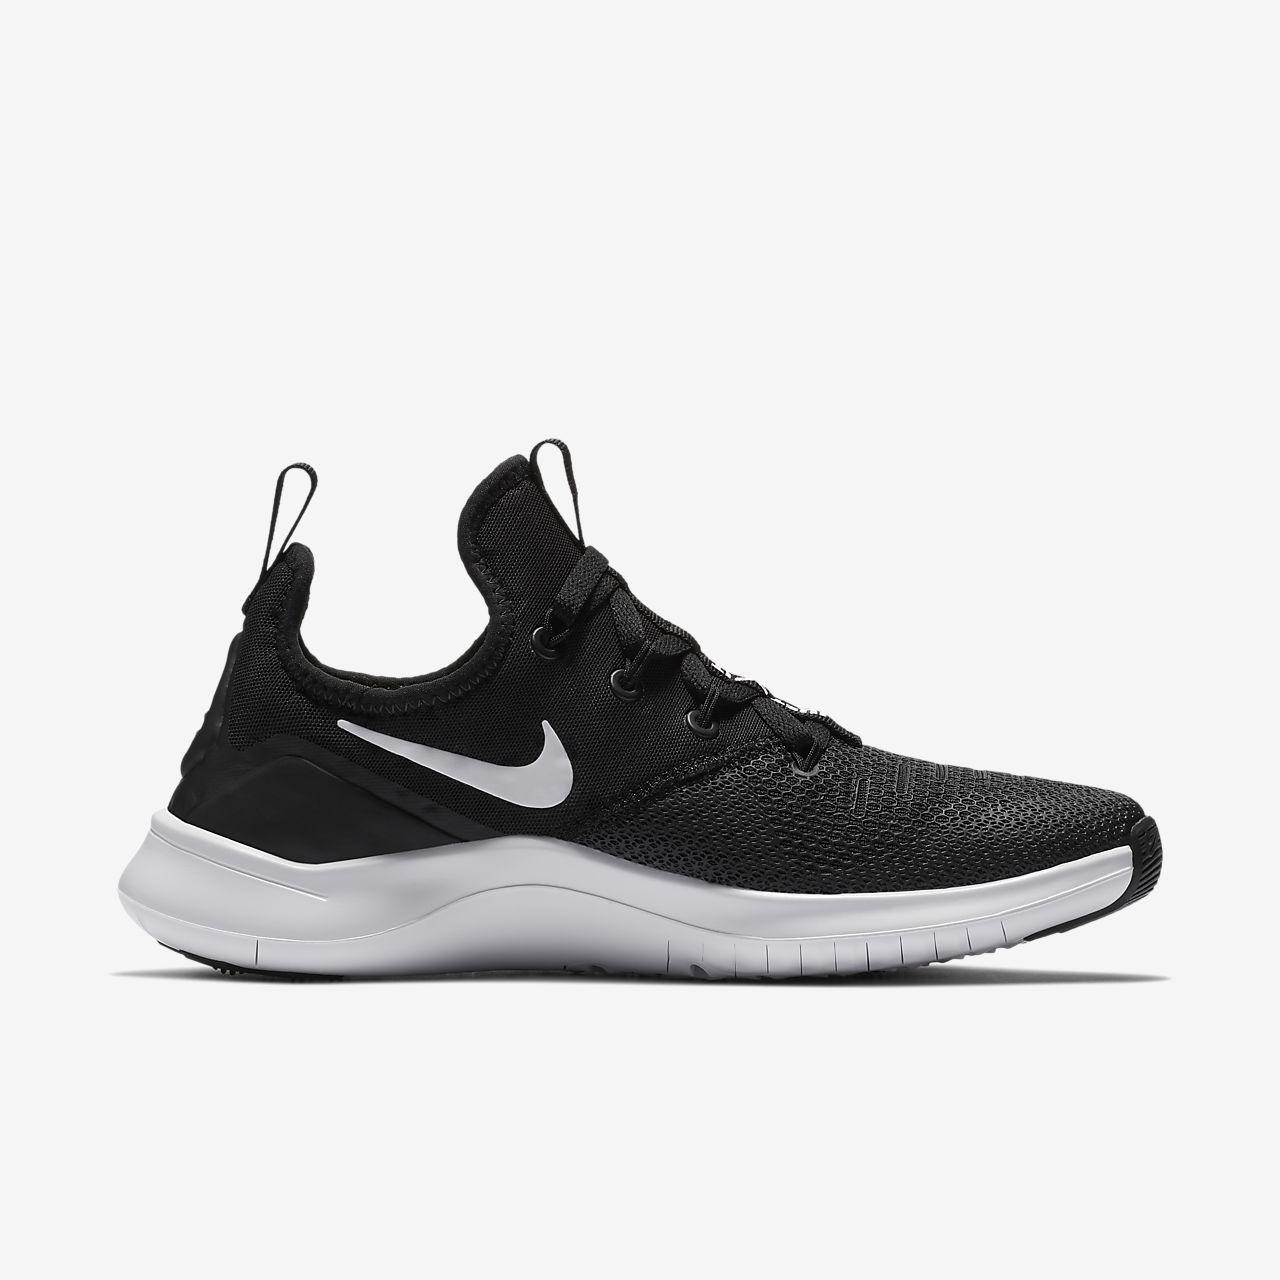 buy popular 224fa d430c Sko för gym HIIT crosstraining Nike Free TR8 för kvinnor. Nike.com SE